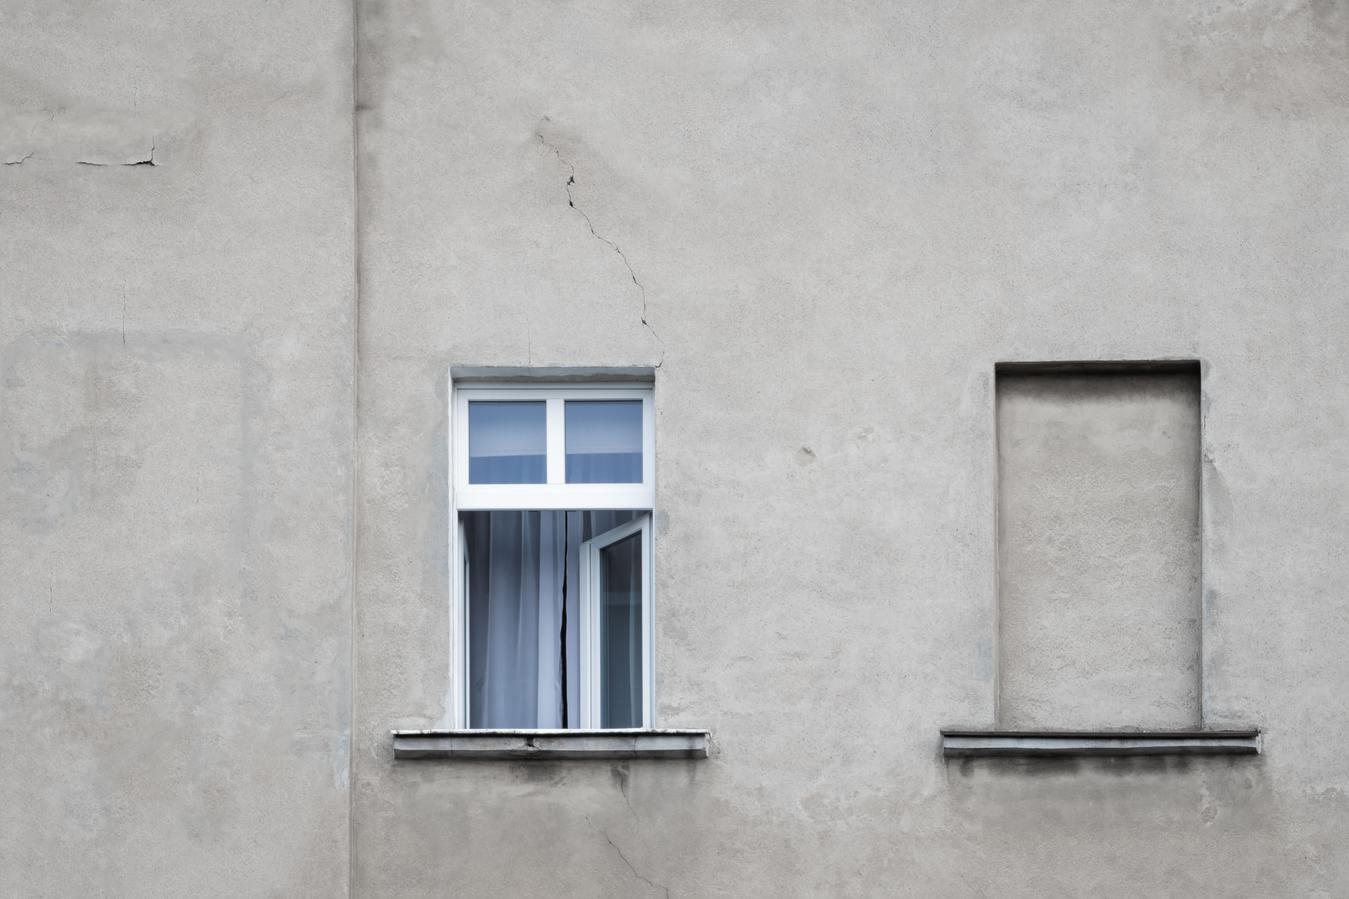 Finestra aperta e altra finestra cementata, nicchia chiusa